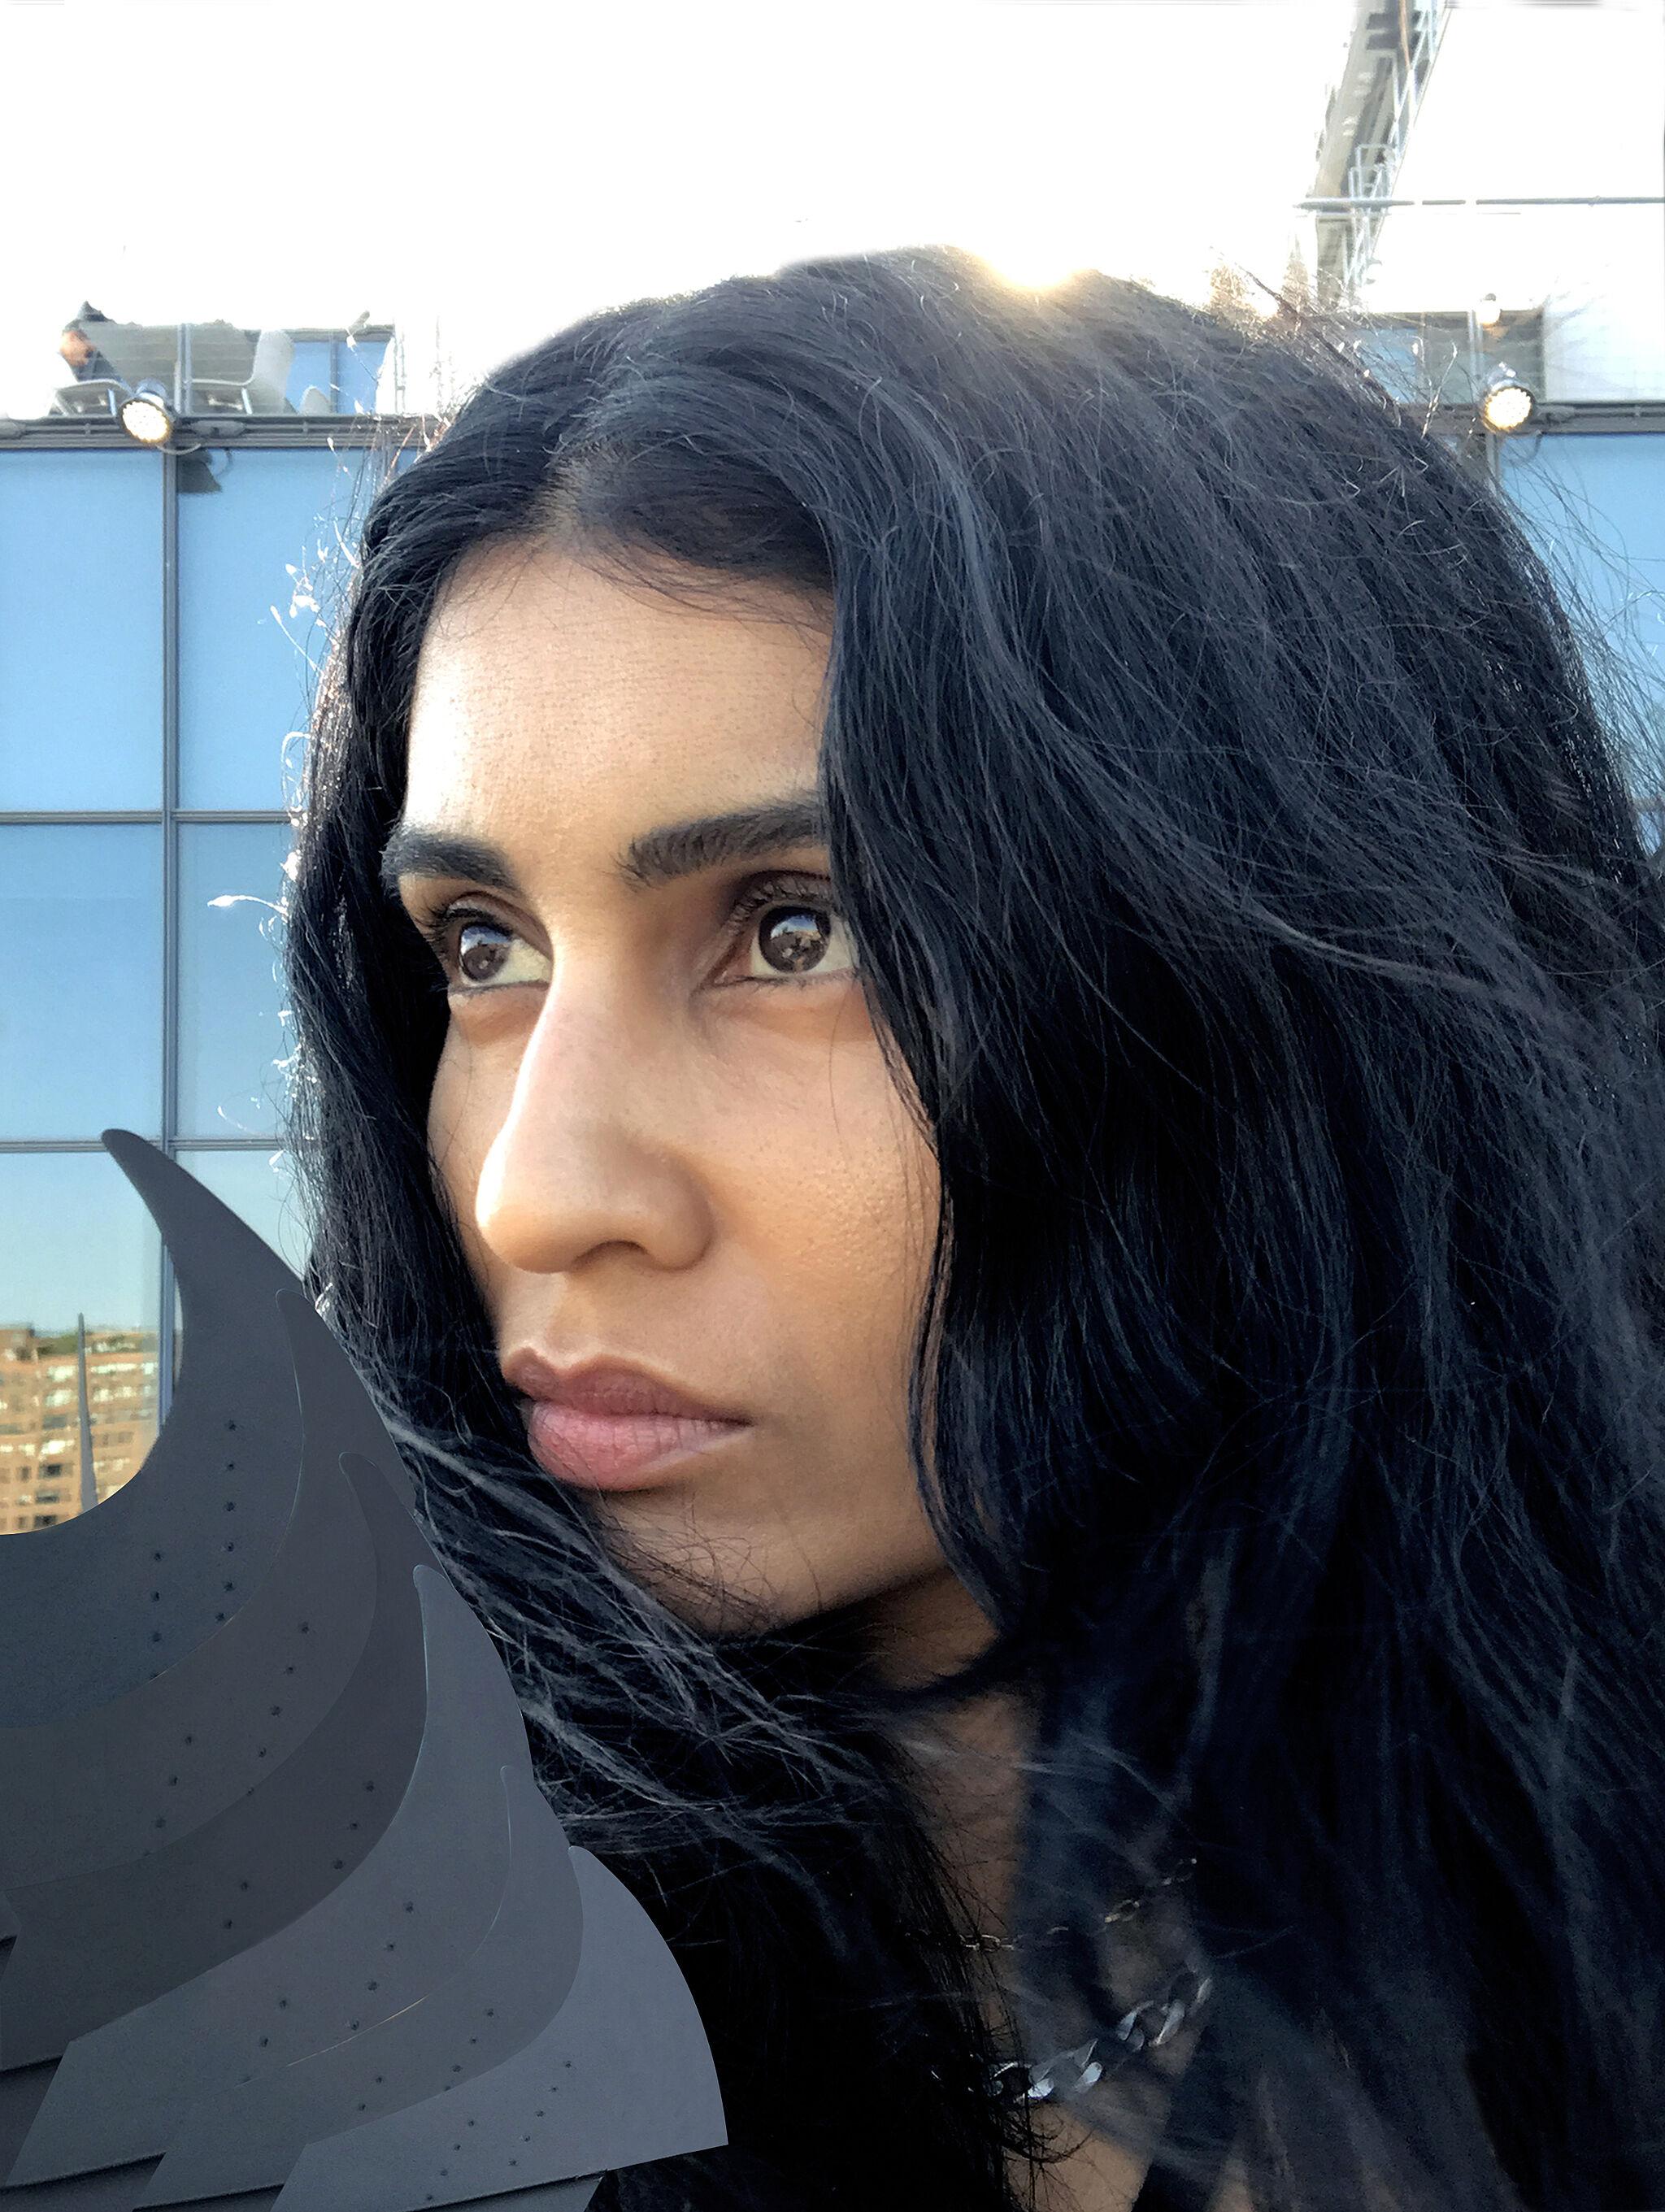 Photograph of artist Baseera Khan